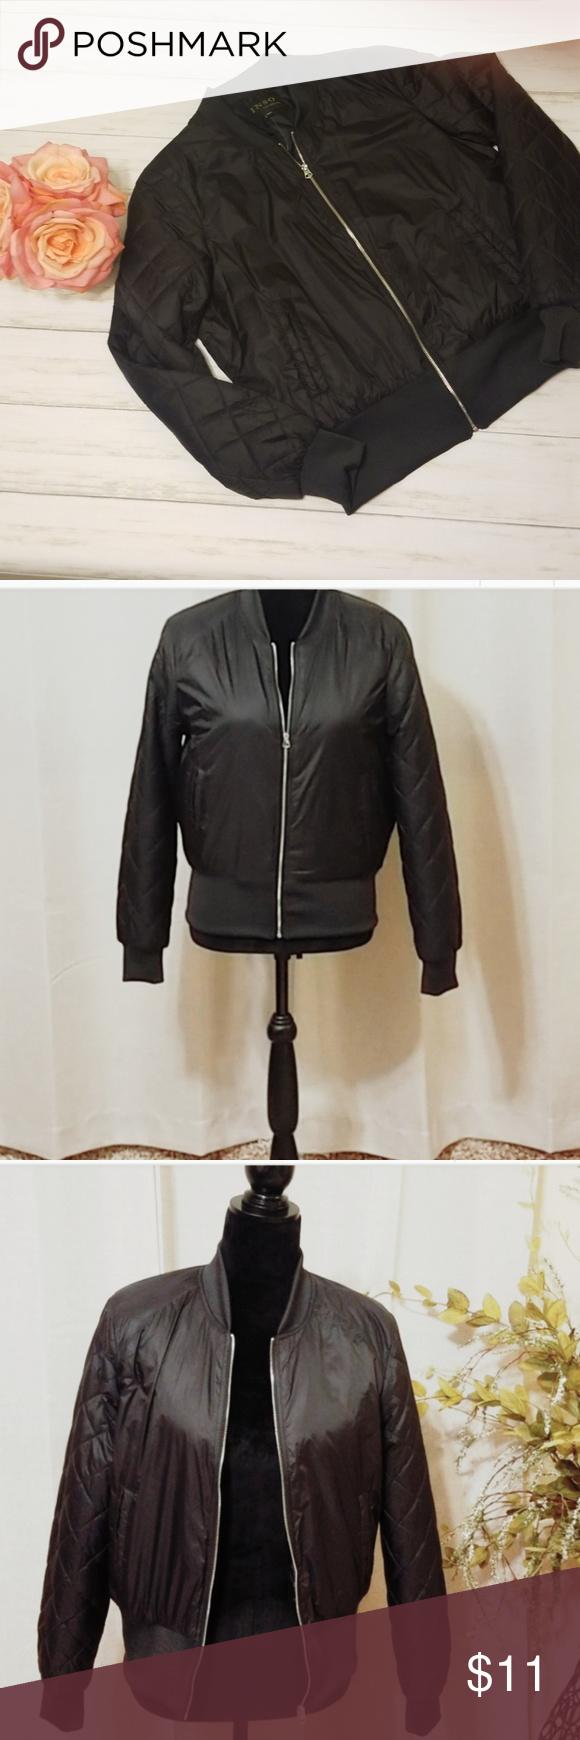 0964d0781 Inso Black Bomber Jacket Large NWOT black bomber jacket. Super cute ...